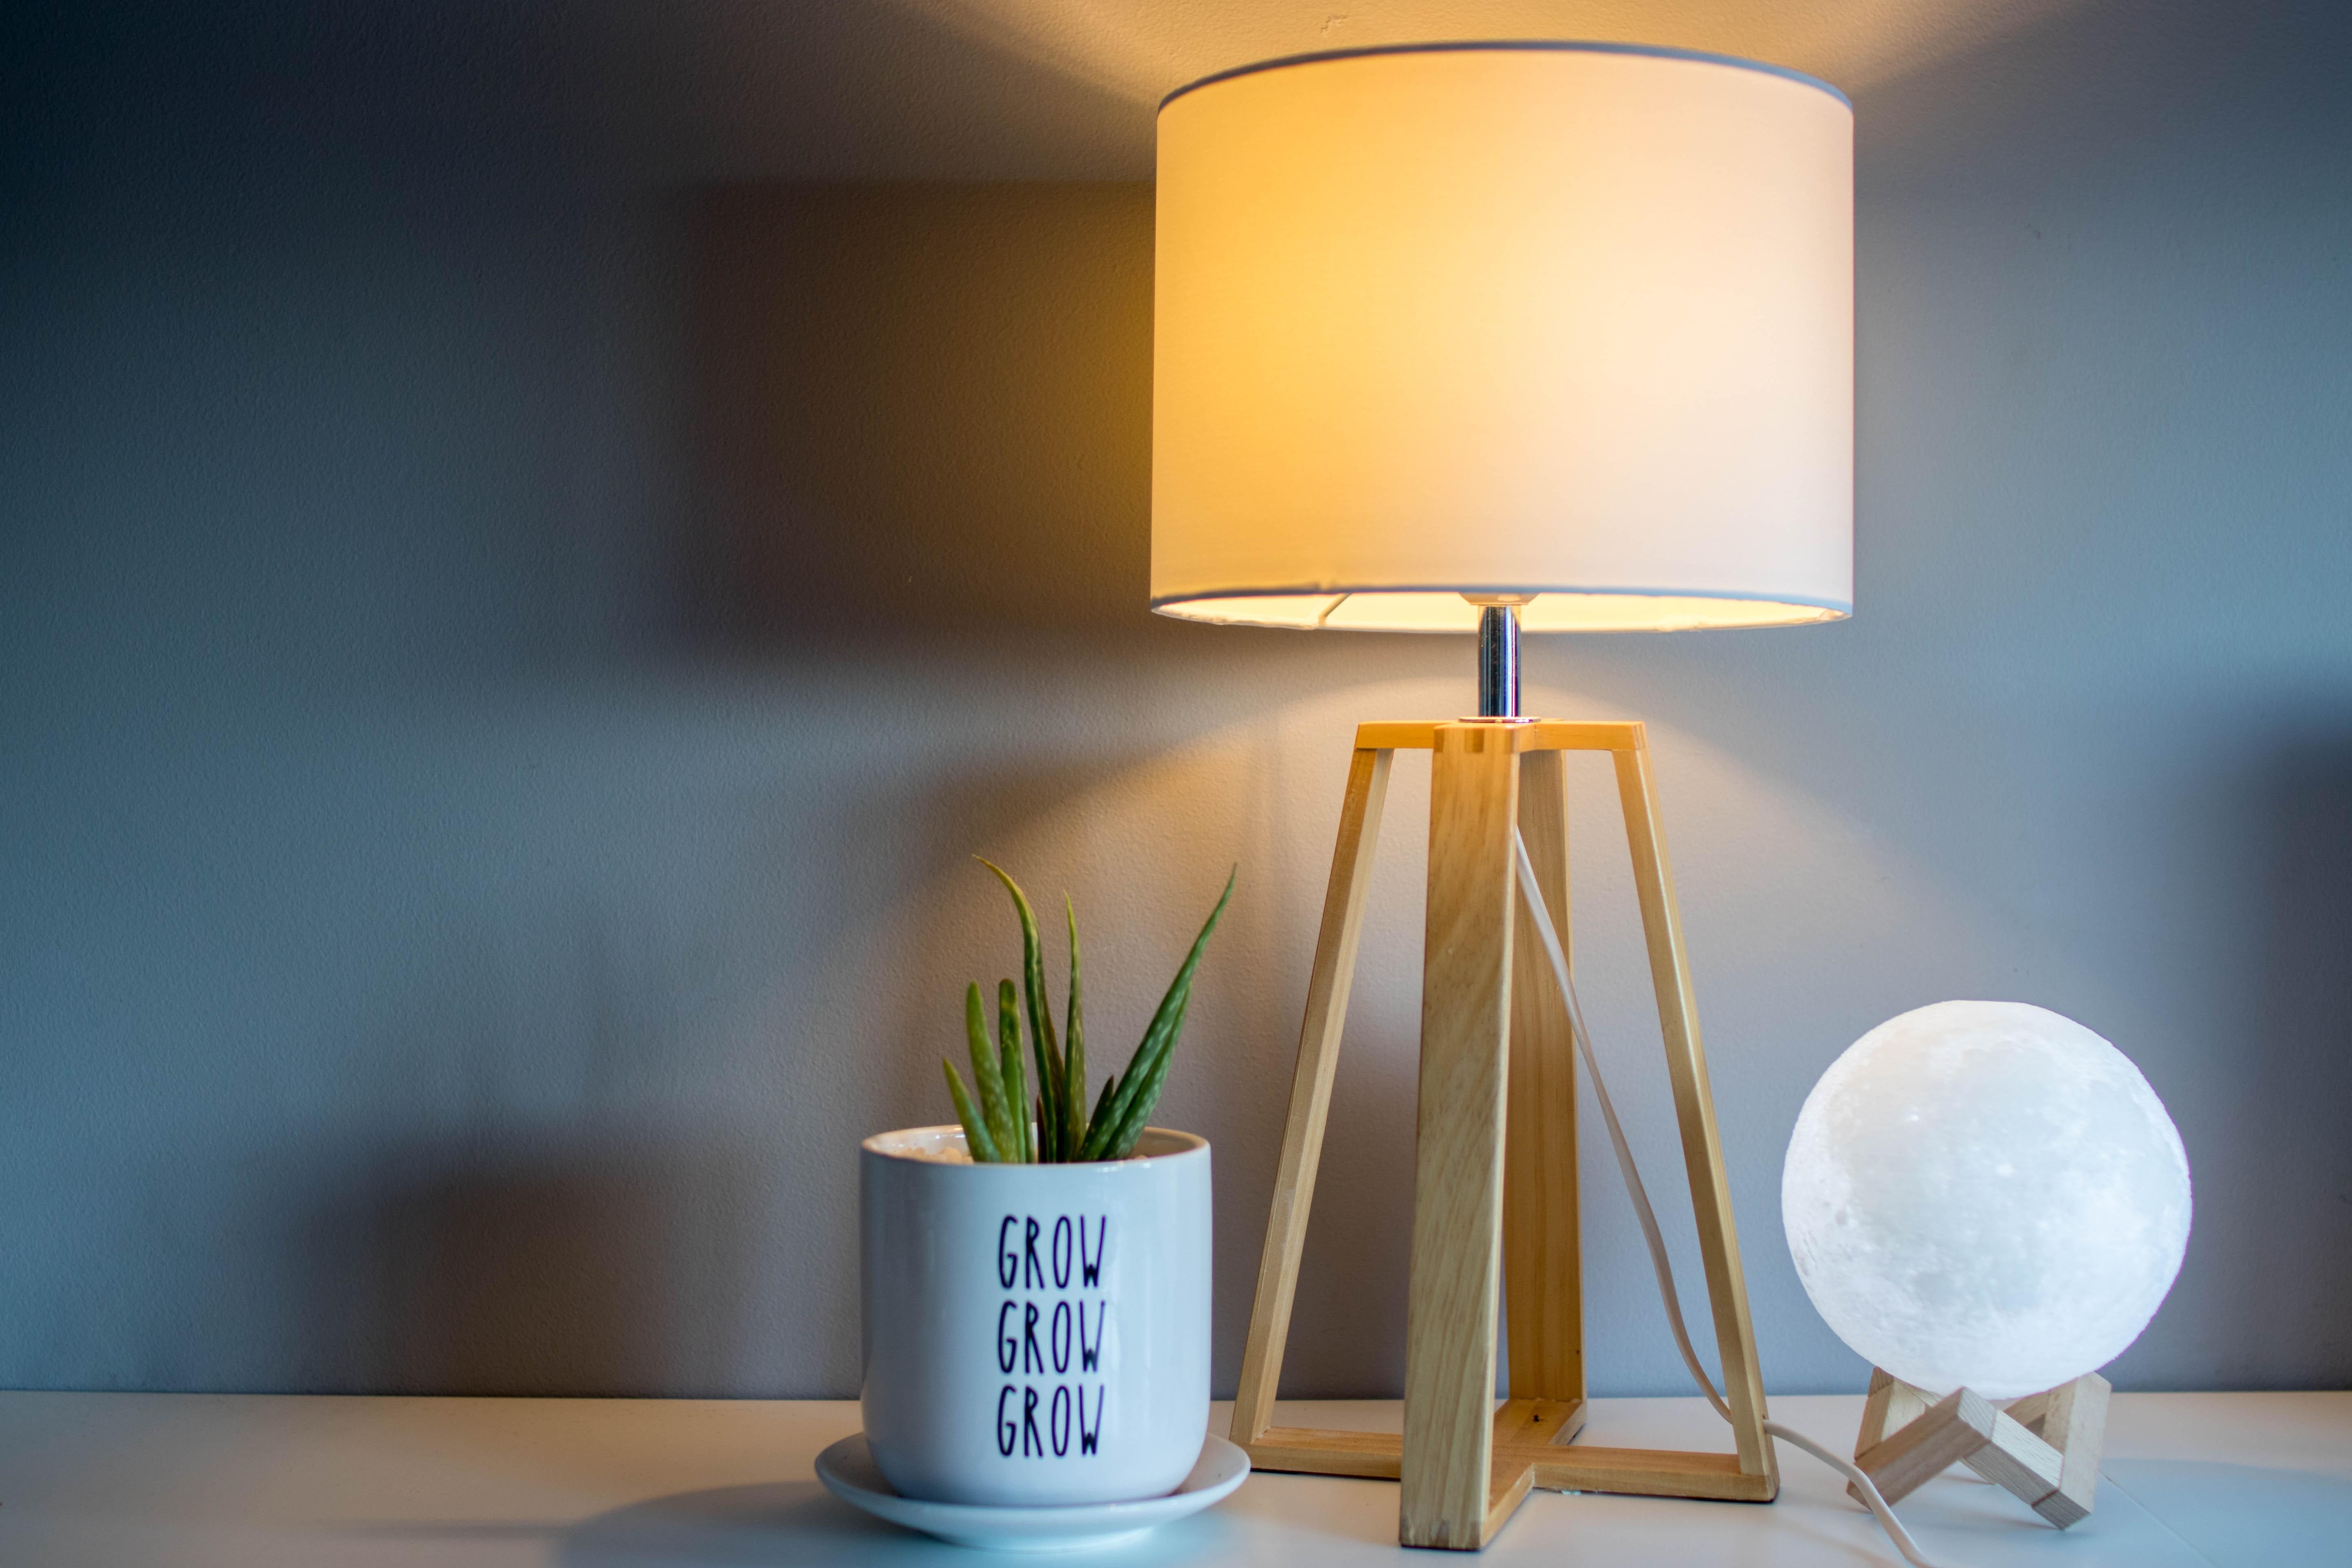 Como escolher iluminação para a casa / Photo by Joel Henry on Unsplash